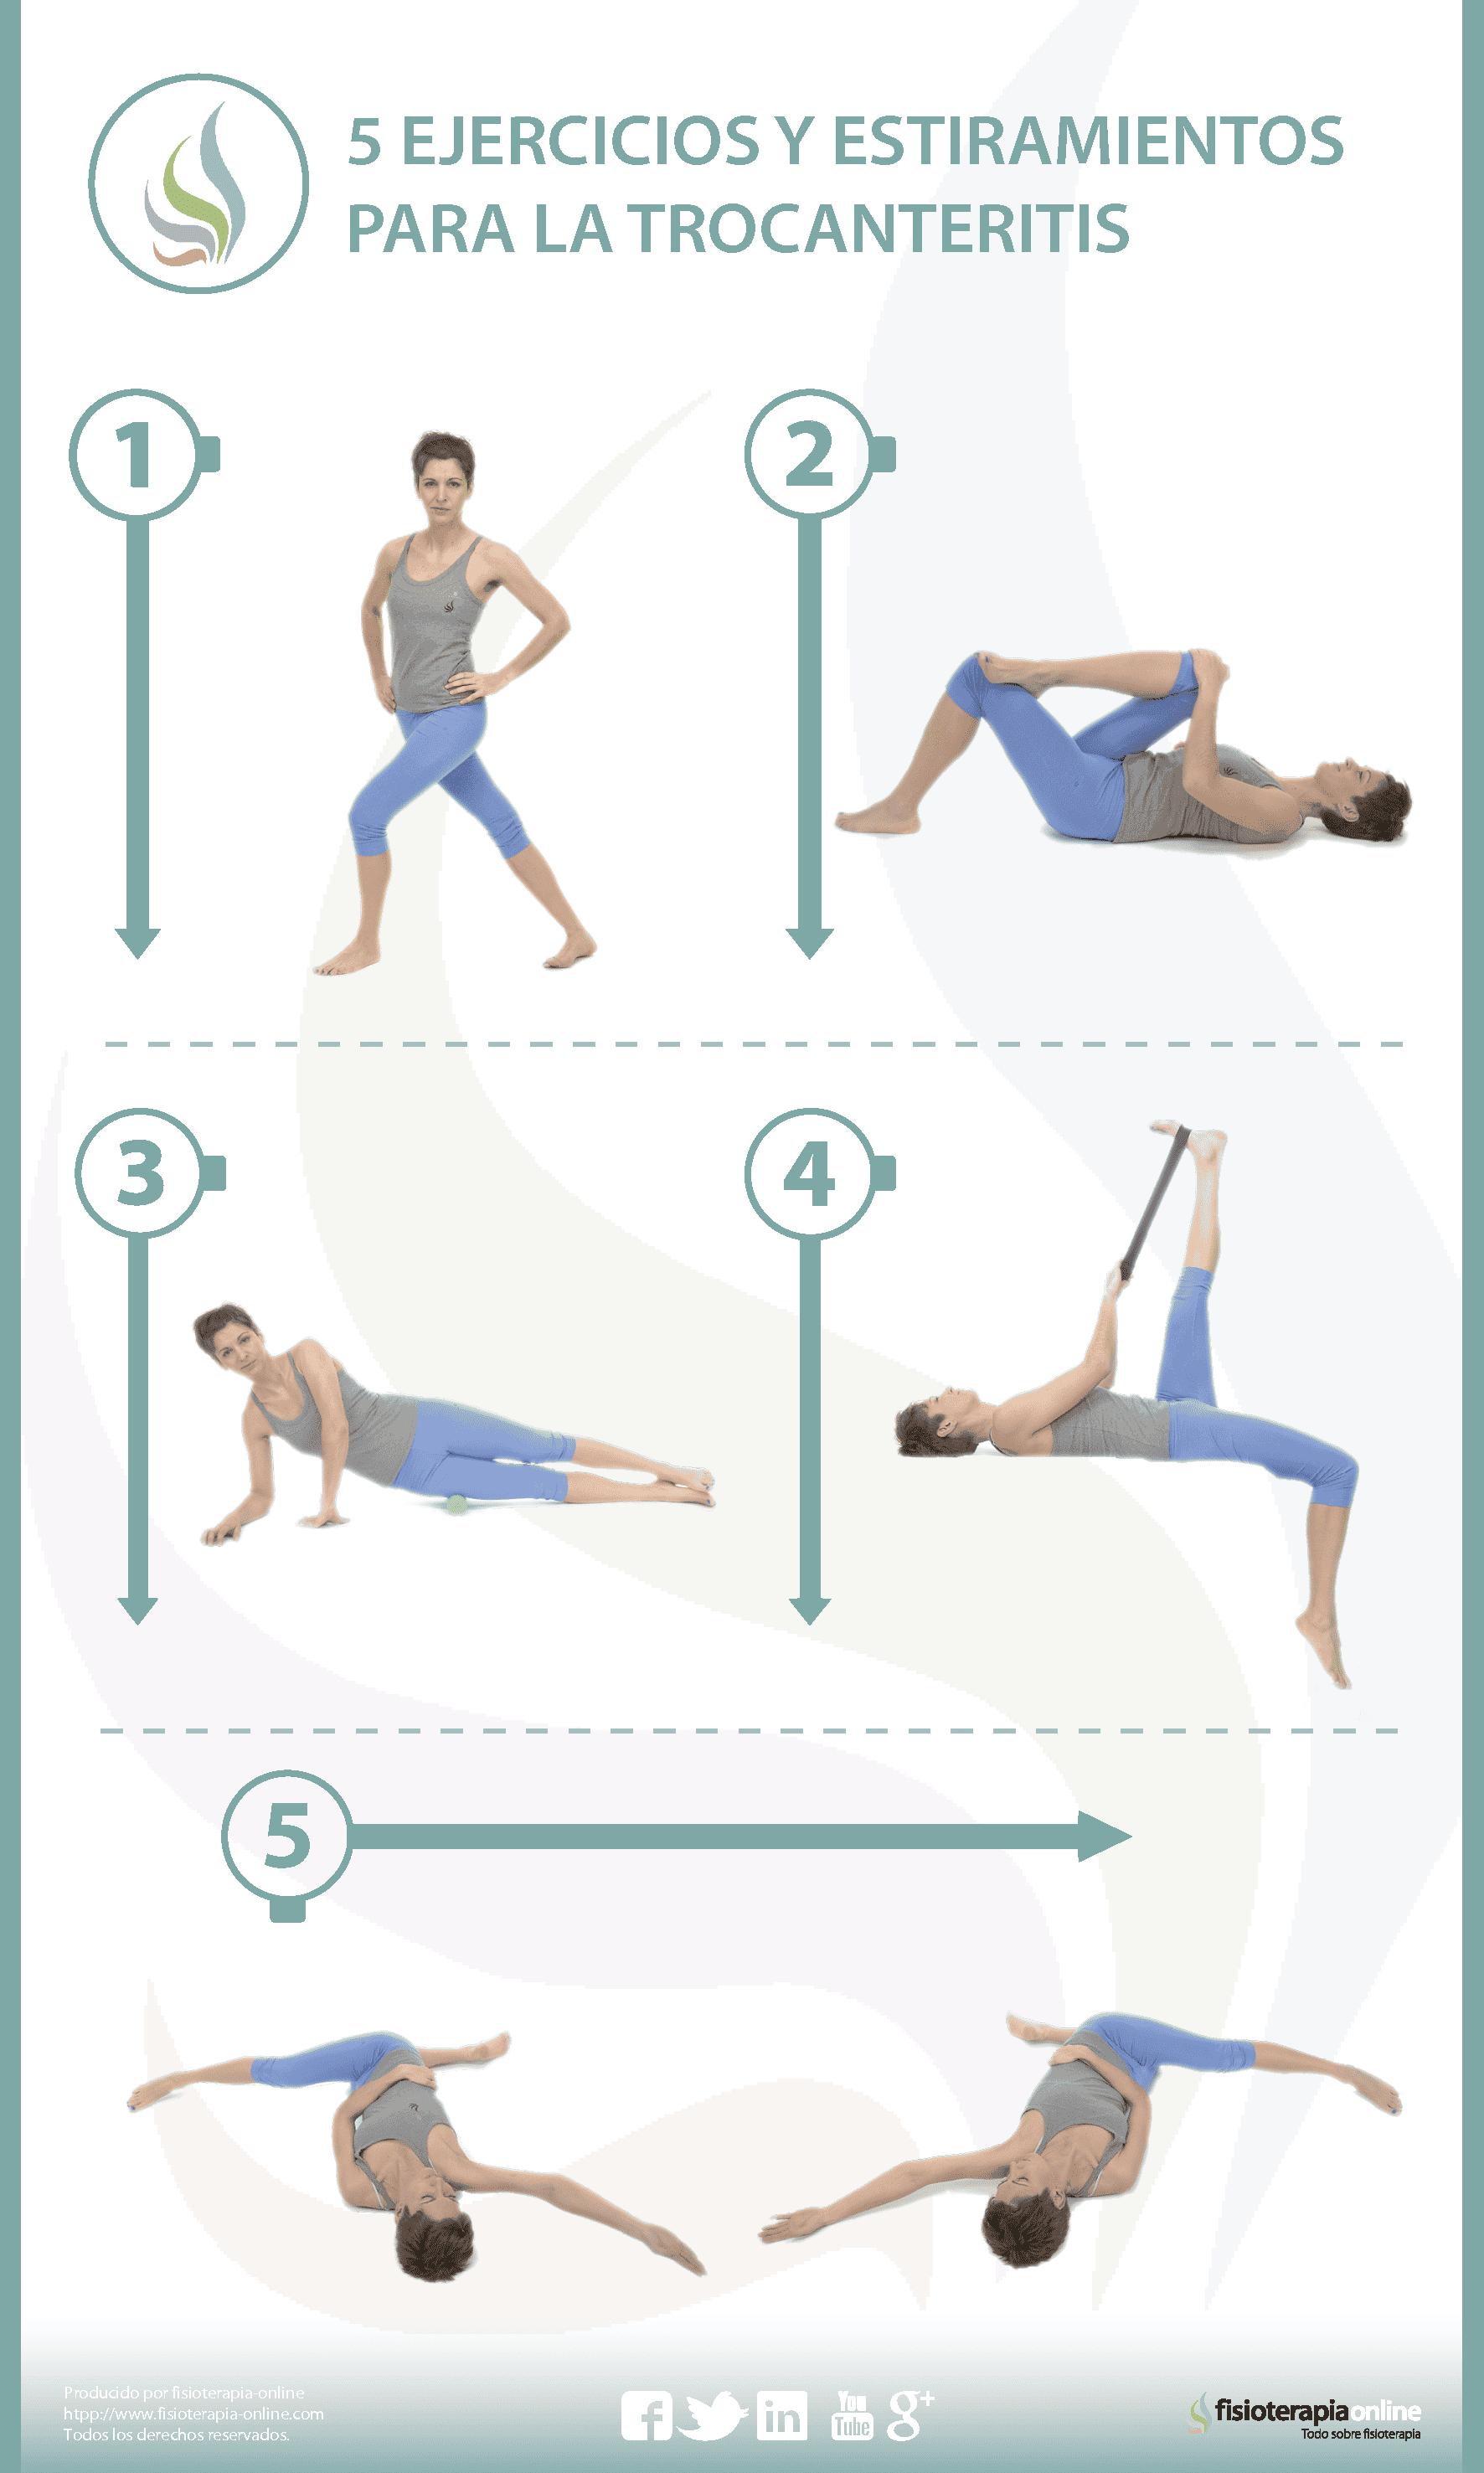 Tratamiento y ejercicios para la bursitis de cadera